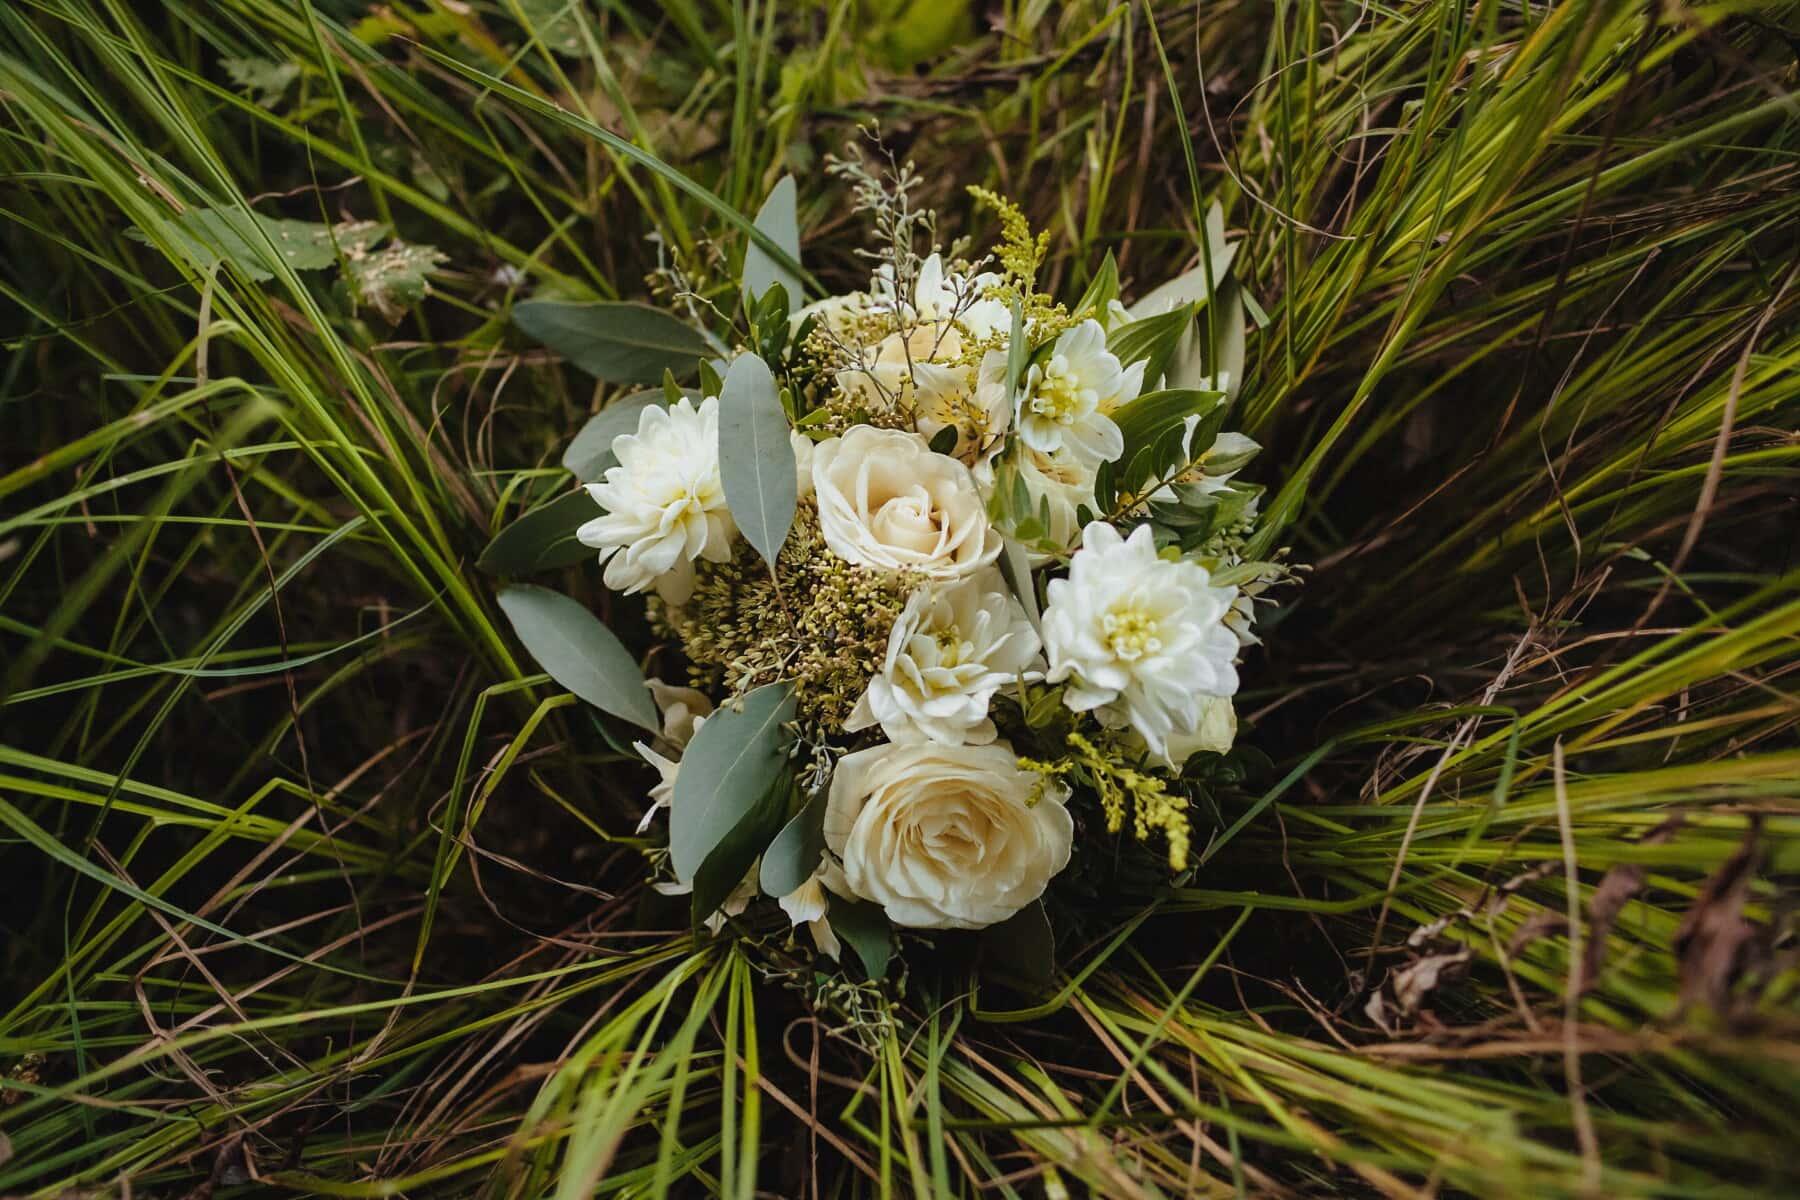 зелена трава, трав'янисті, букет, квіти, весна, рослина, цвітіння, завод, квітка, природа